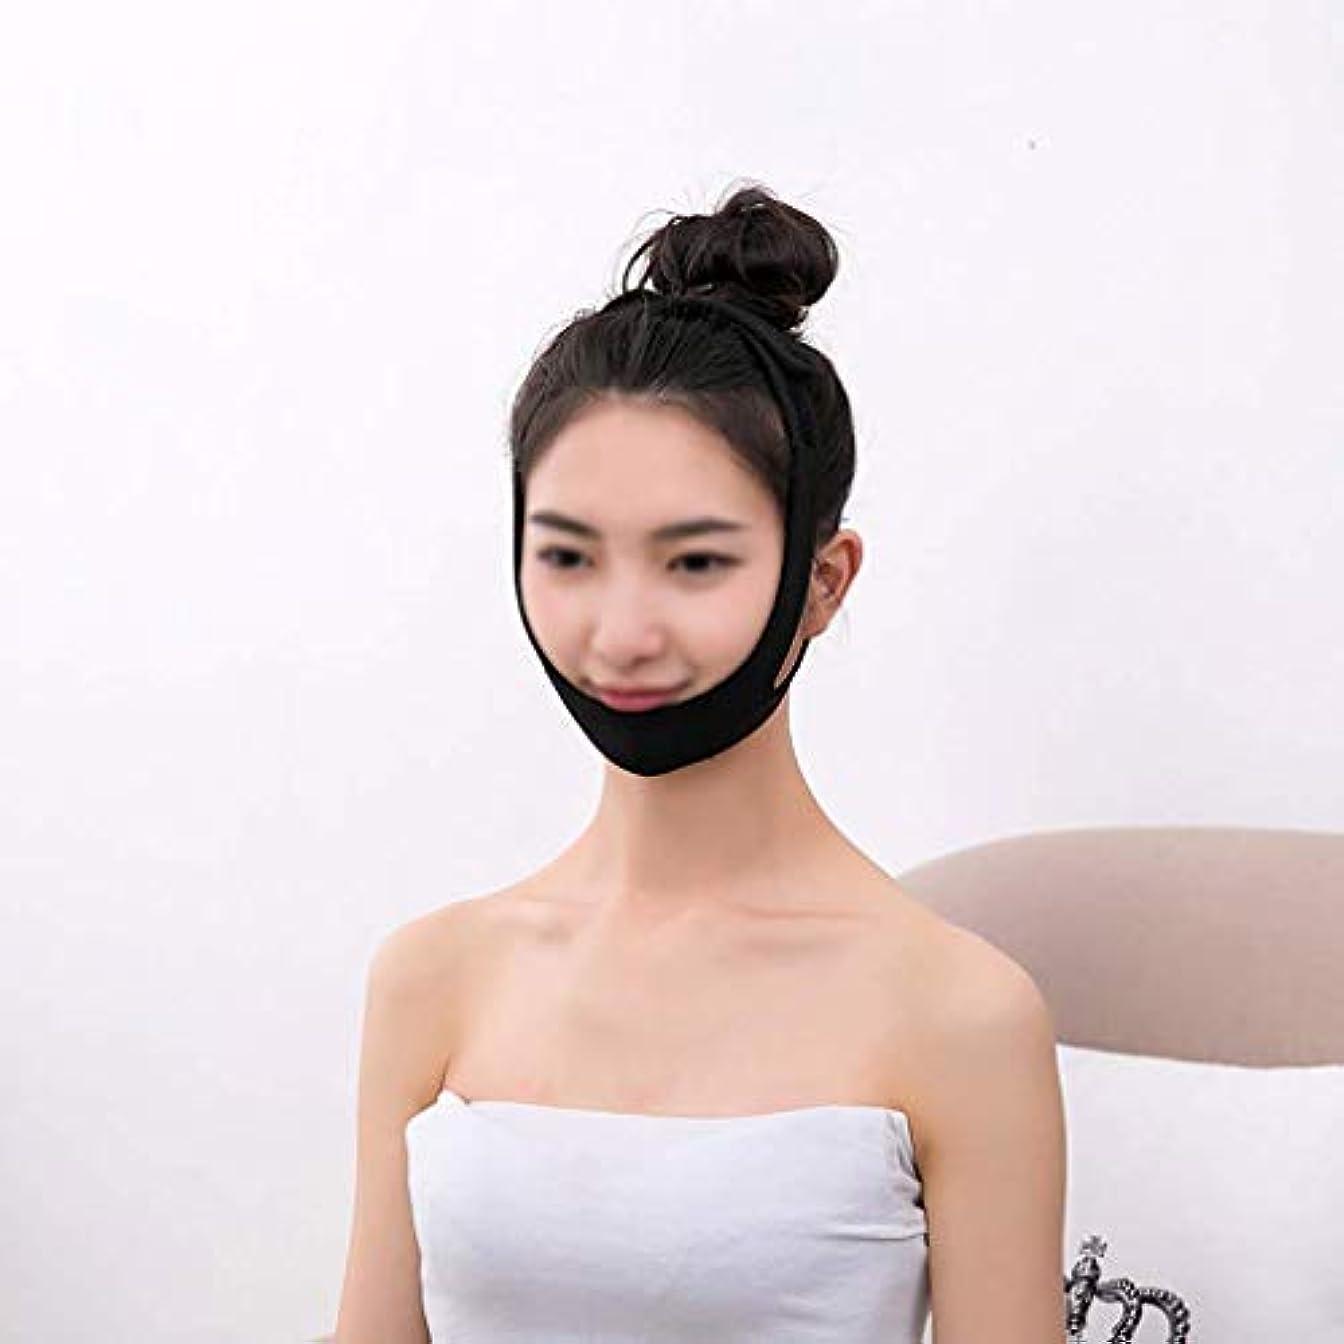 民間人首尾一貫した仕事に行くHUYYA フェイスリフティング包帯、ダブルチンヘルスケア V字ベルト補正ベルト 女性の顔を持ち上げるベルト,Black_Medium